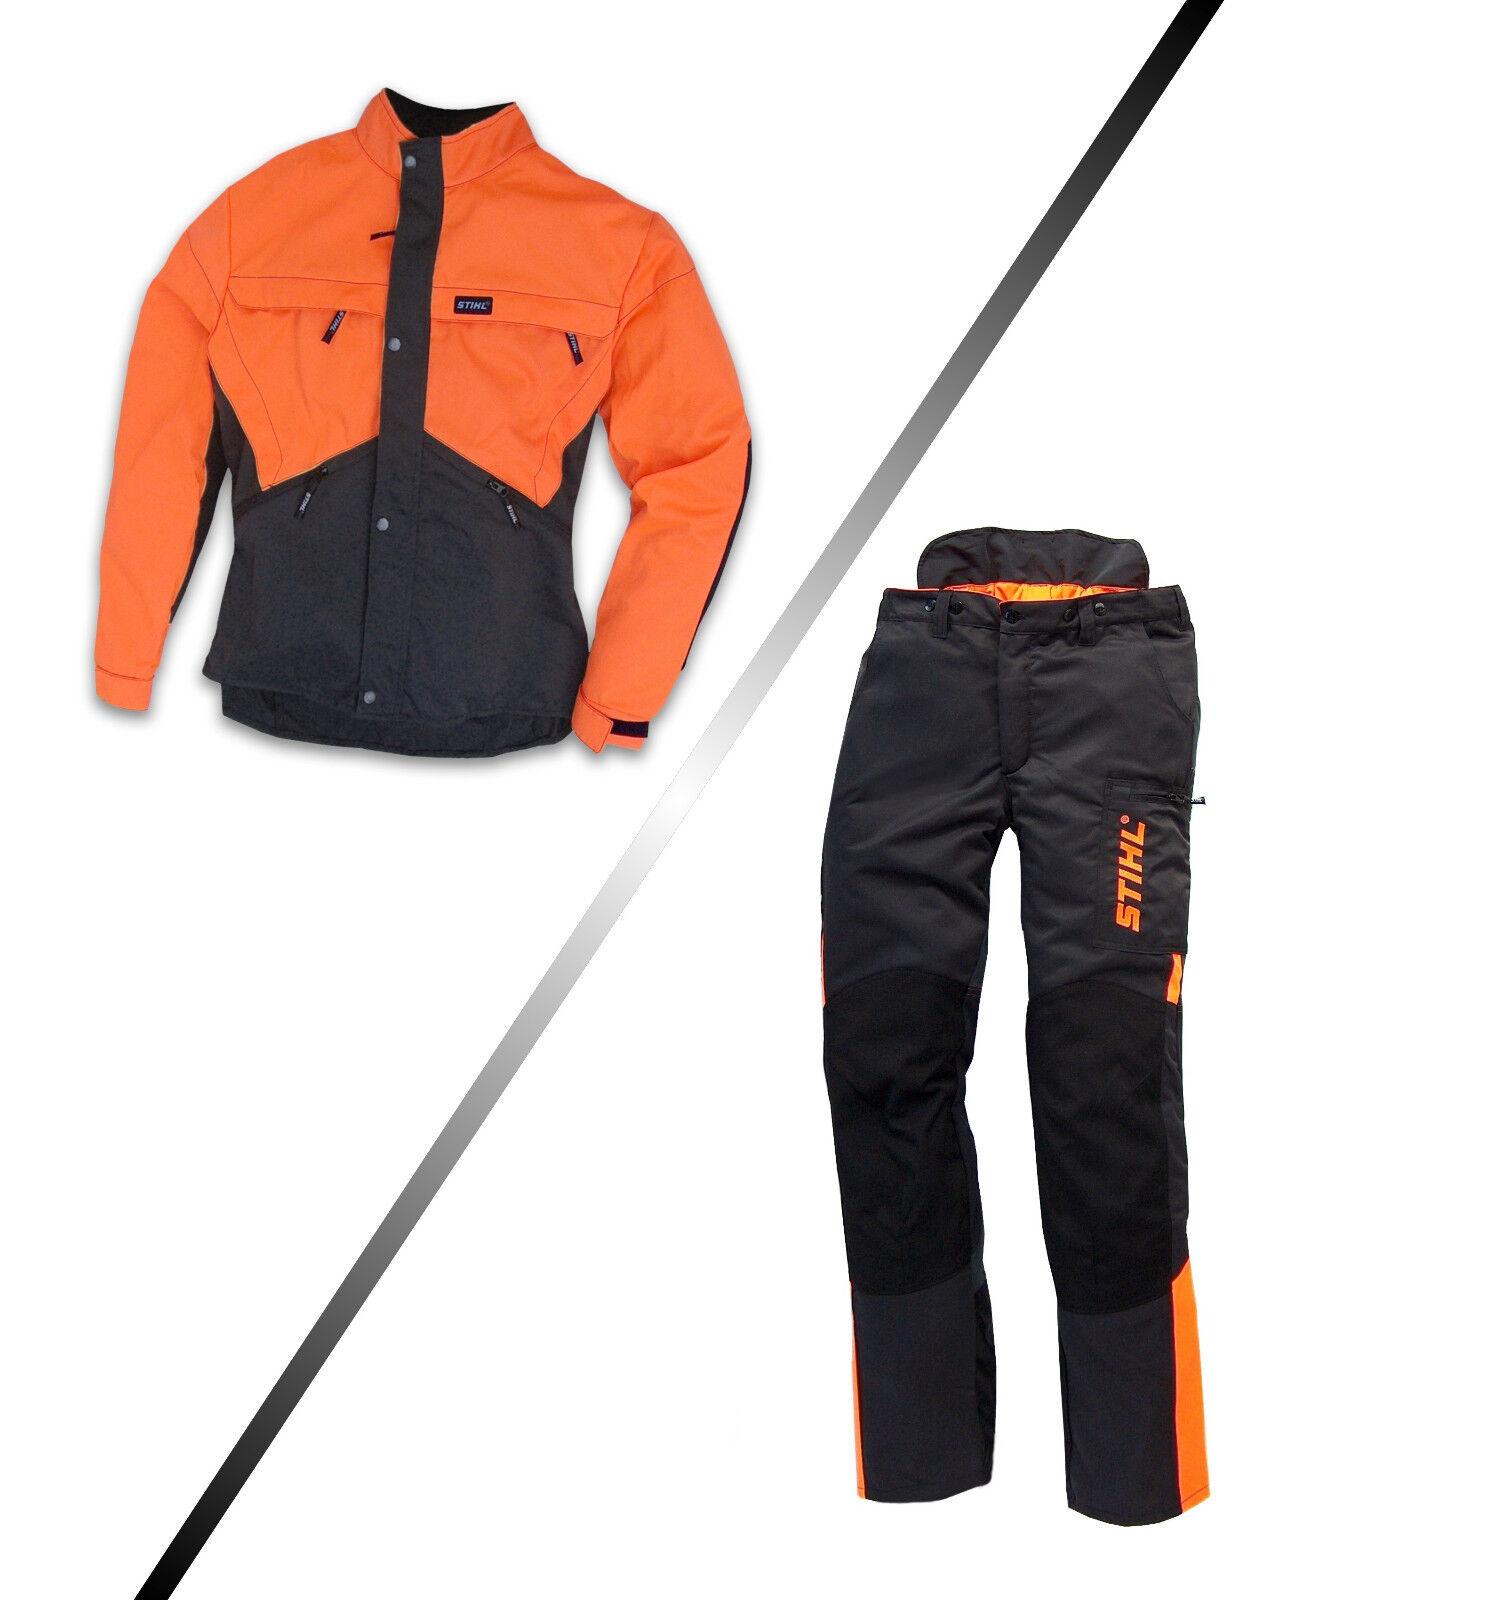 STIHL Dynamic Bundhose & Jacke Schnittschutzhose Forsthose Größe 46 bis 60